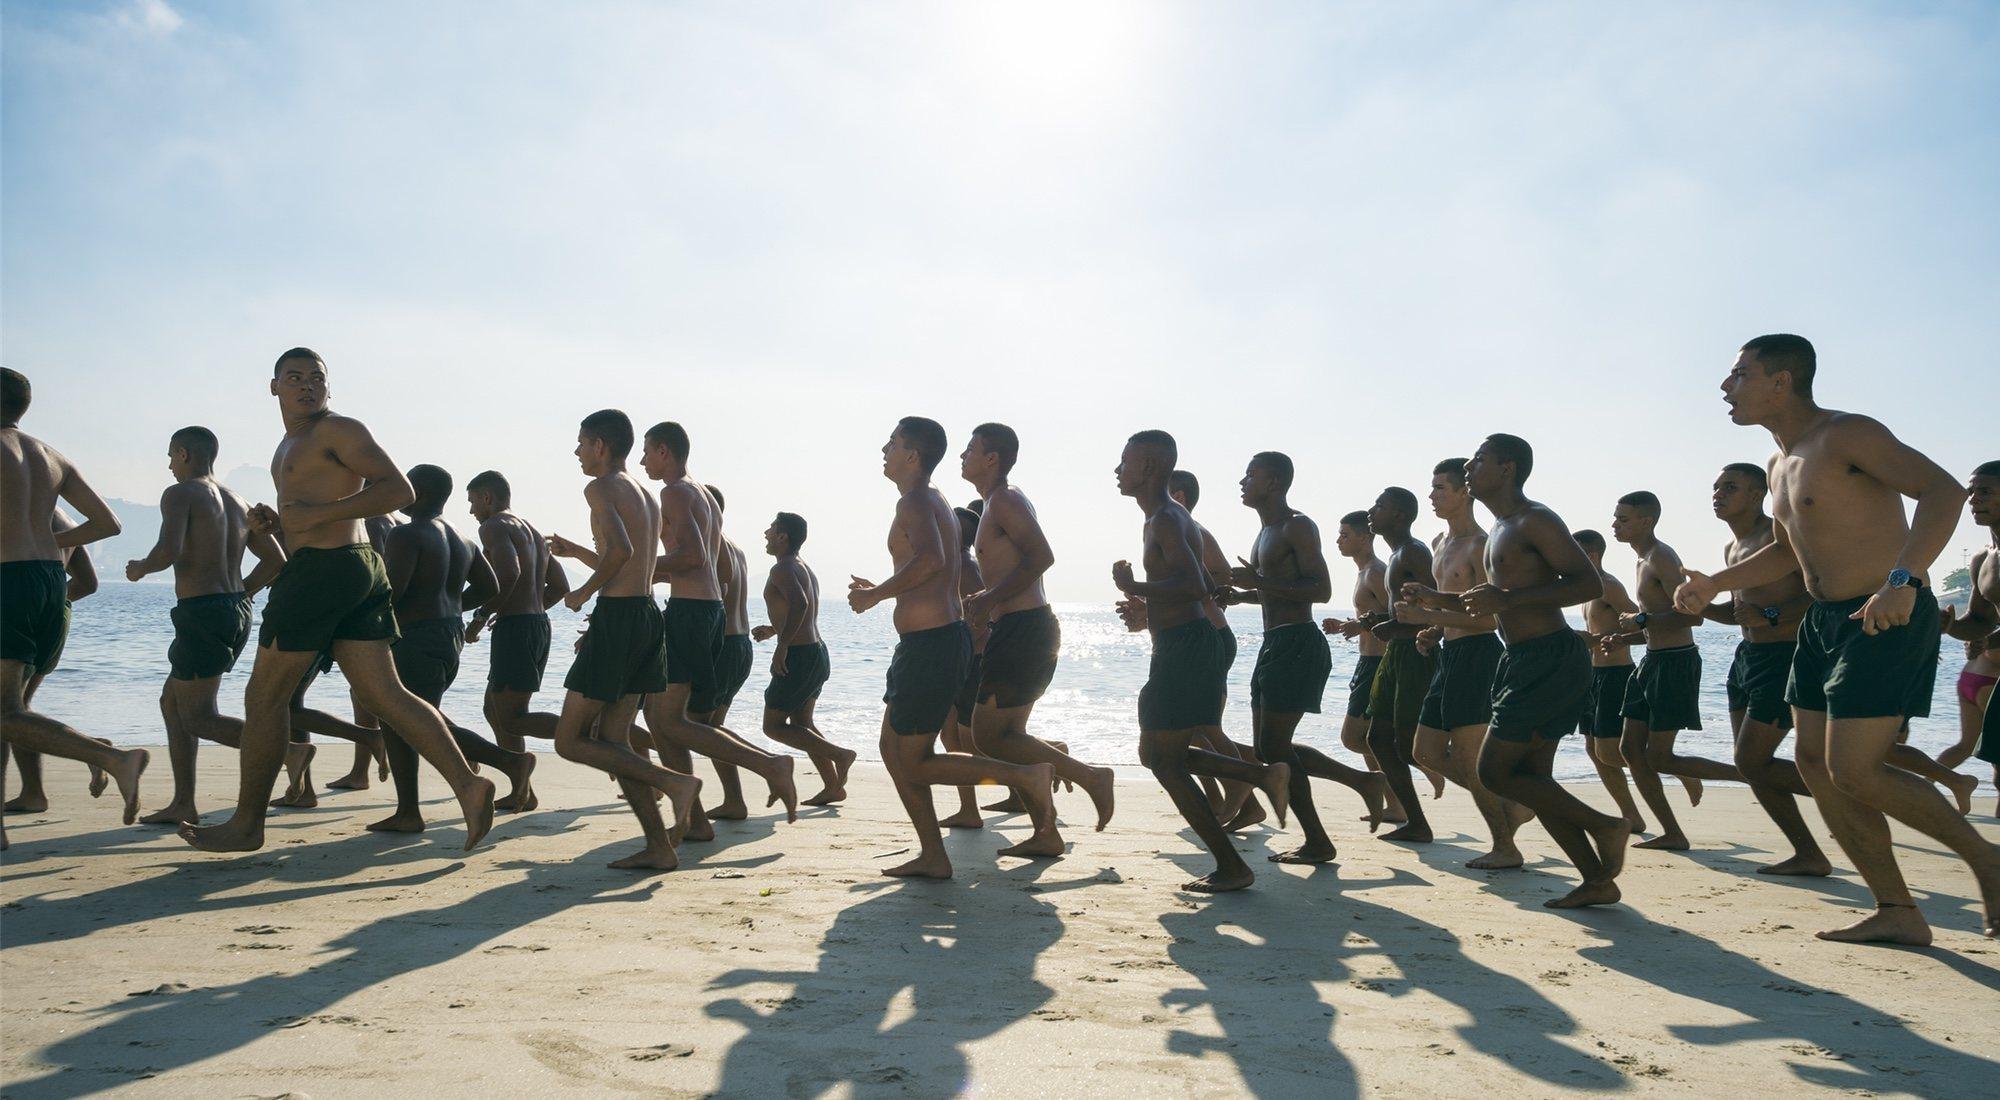 entrenamiento militar para perder peso